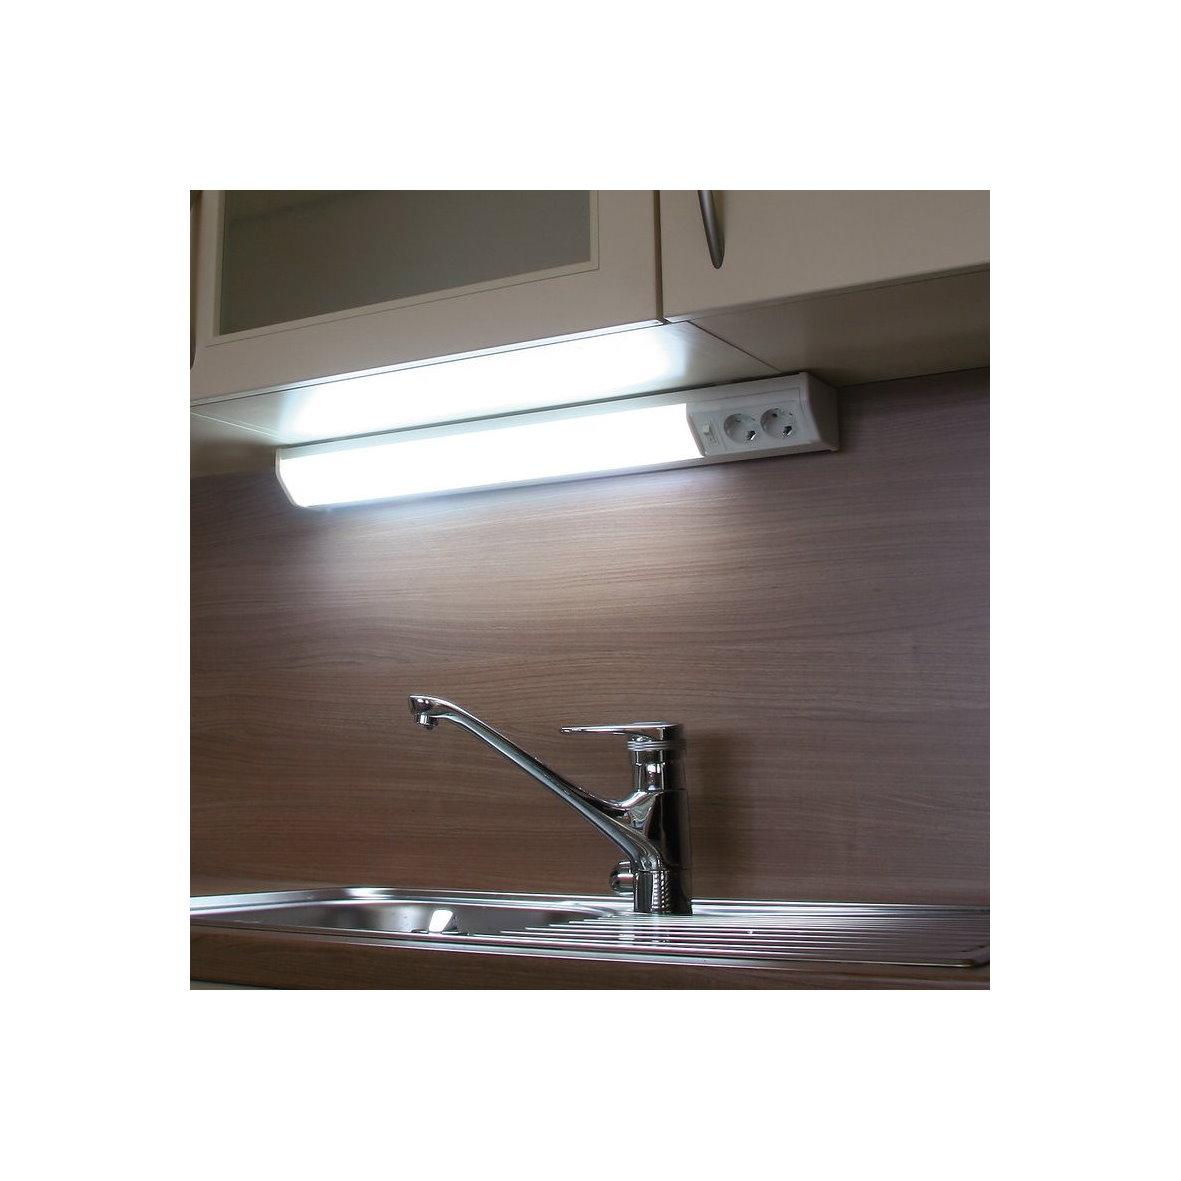 steckdose schalter t5 unterbau leuchte k che eck anbau lichtleiste. Black Bedroom Furniture Sets. Home Design Ideas